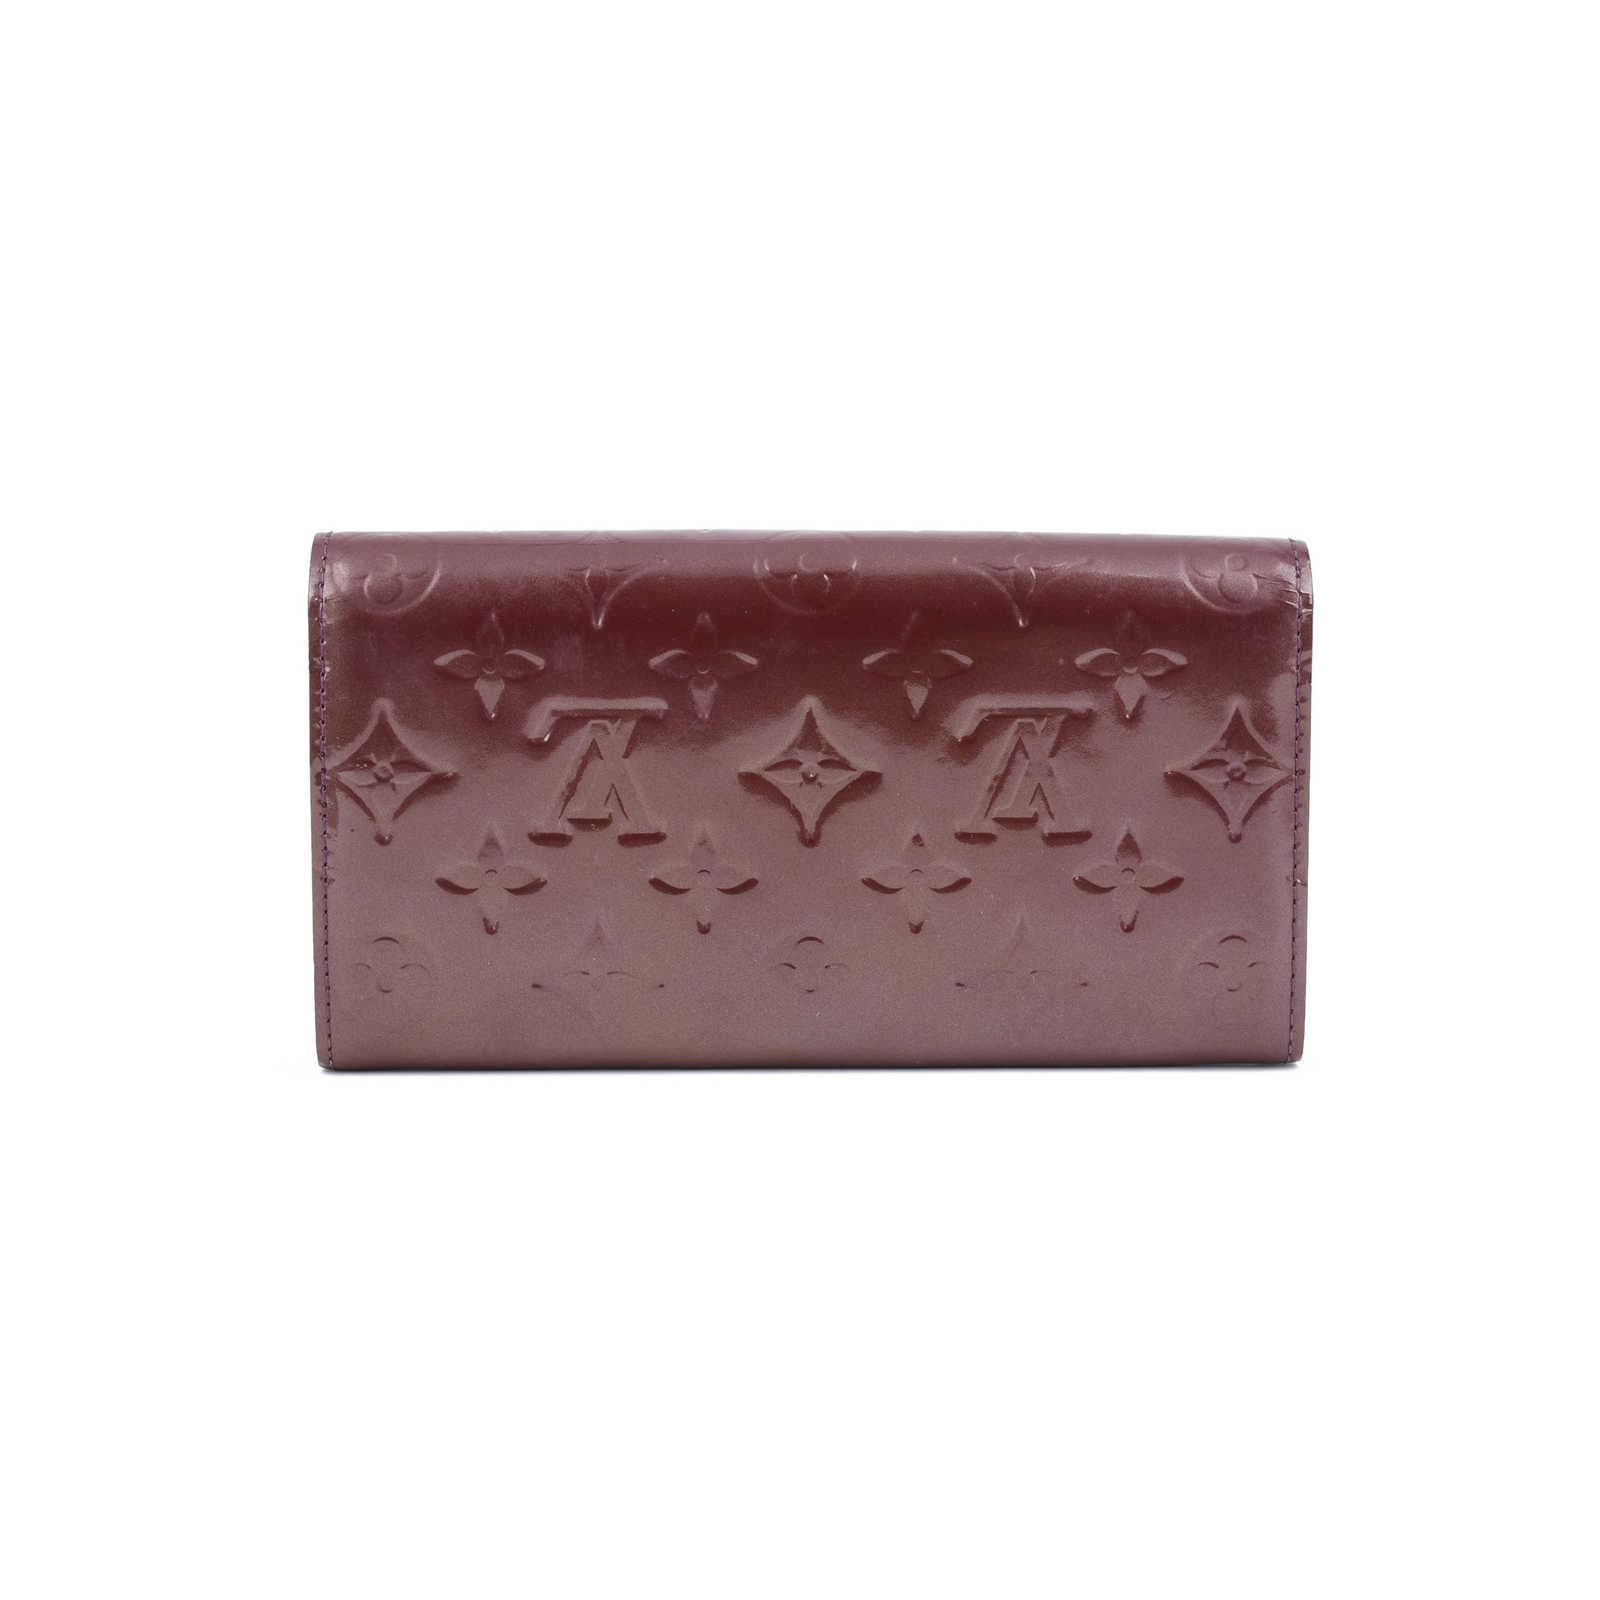 a46e7d5a9920d ... Authentic Second Hand Louis Vuitton Monogram Vernis Sarah Wallet  (PSS-420-00027) ...